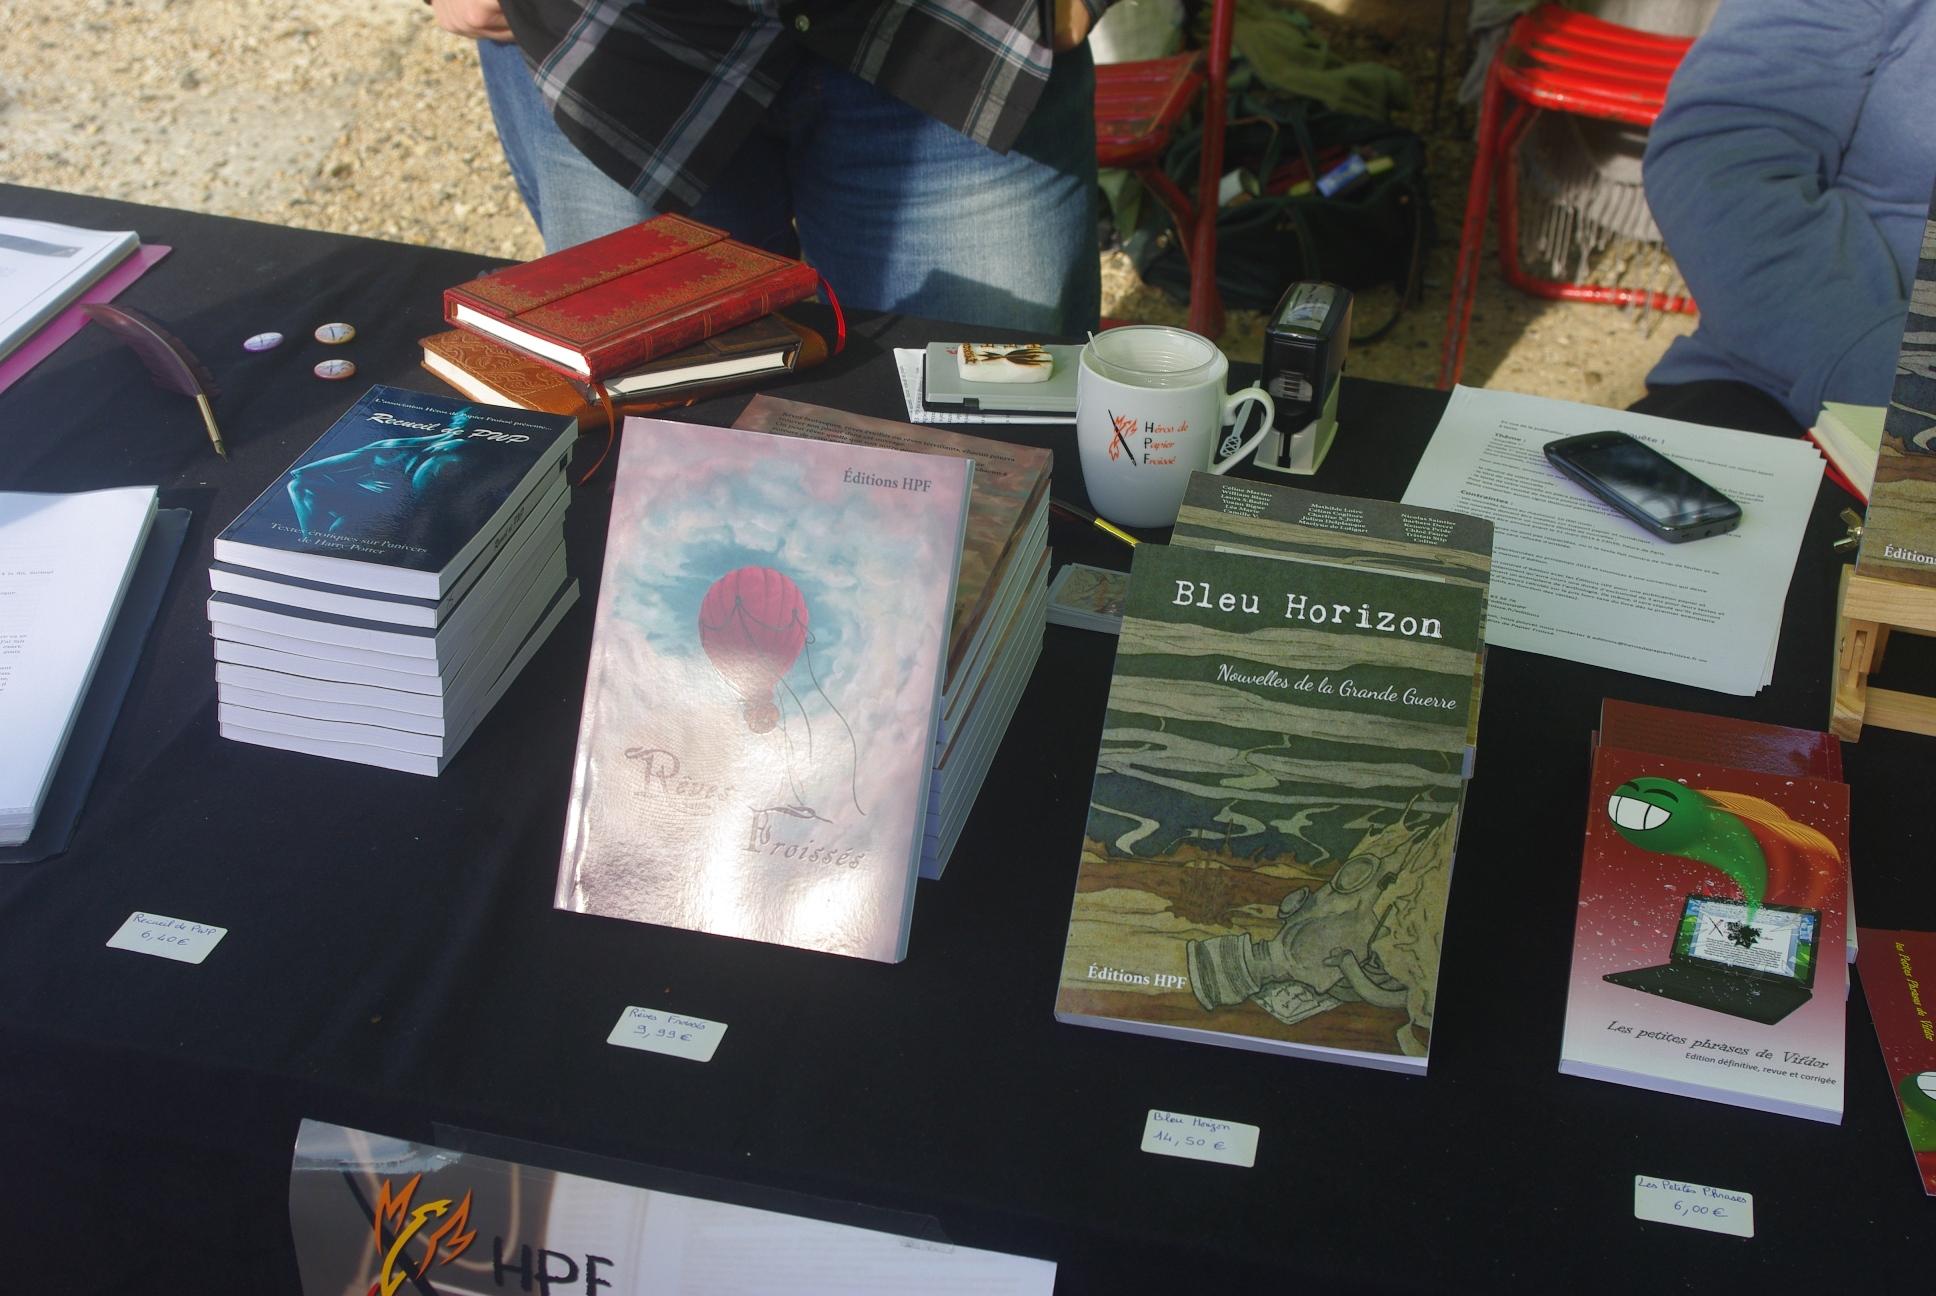 Les livres d'HPF